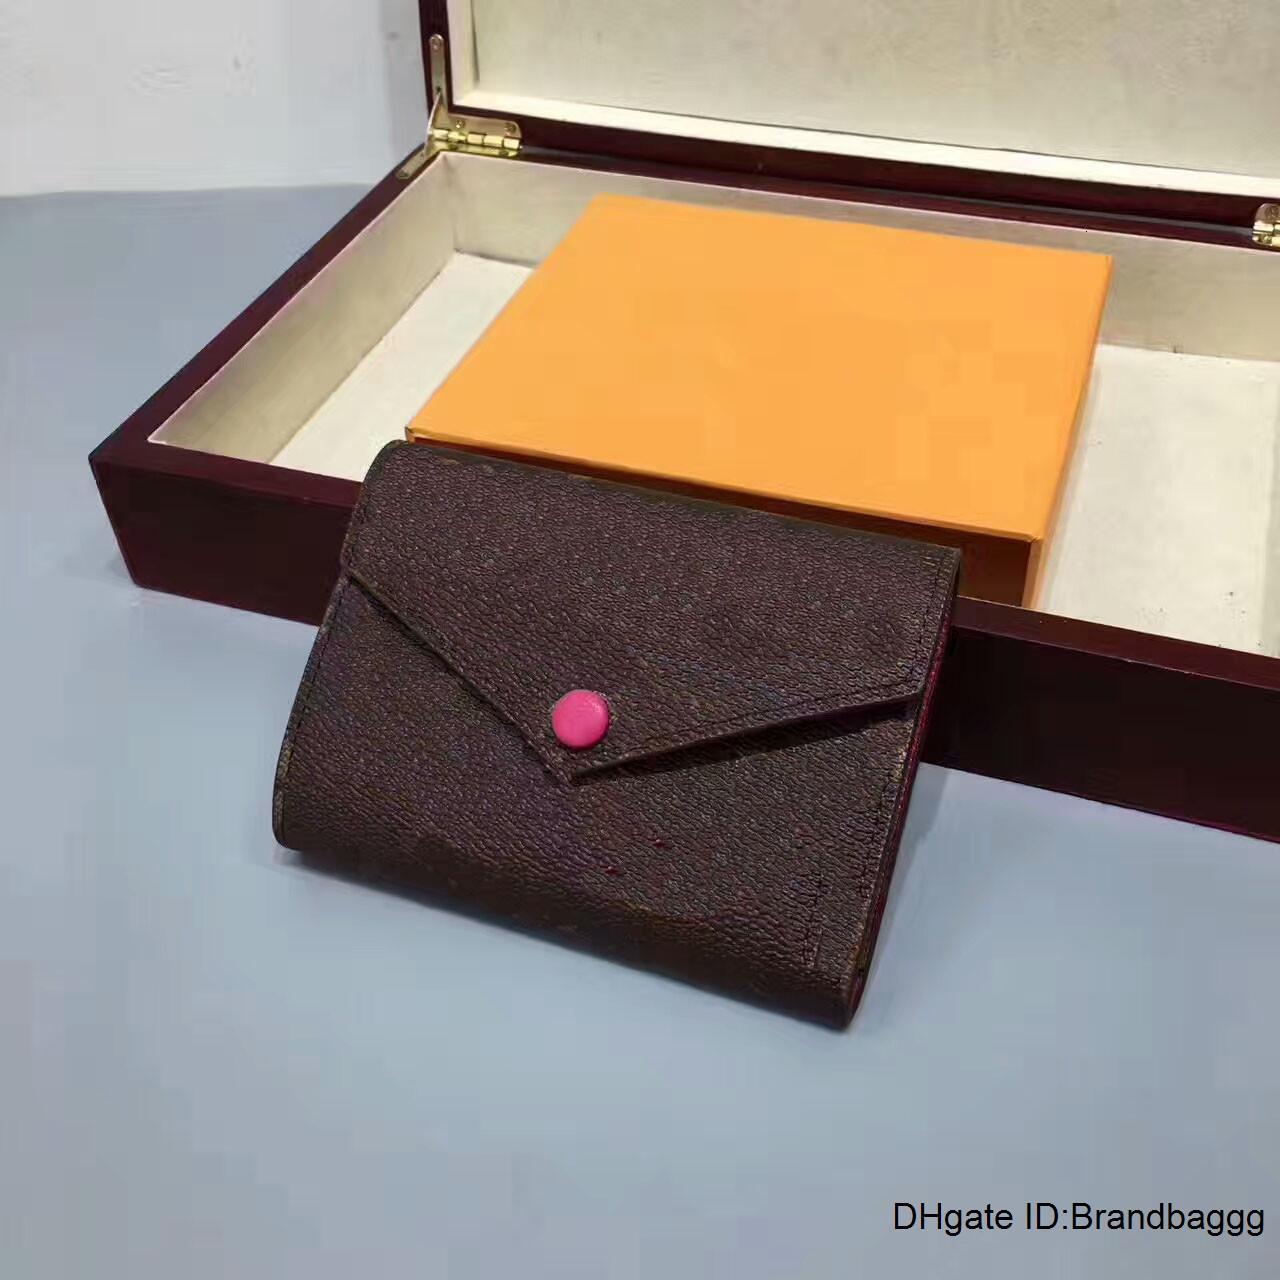 Yeni tasarımcı düğme kadınlar kısa kutu No29 ile kadın moda sıfır çanta Avrupa tarzı bayan rahat kavramalarını cüzdanlar